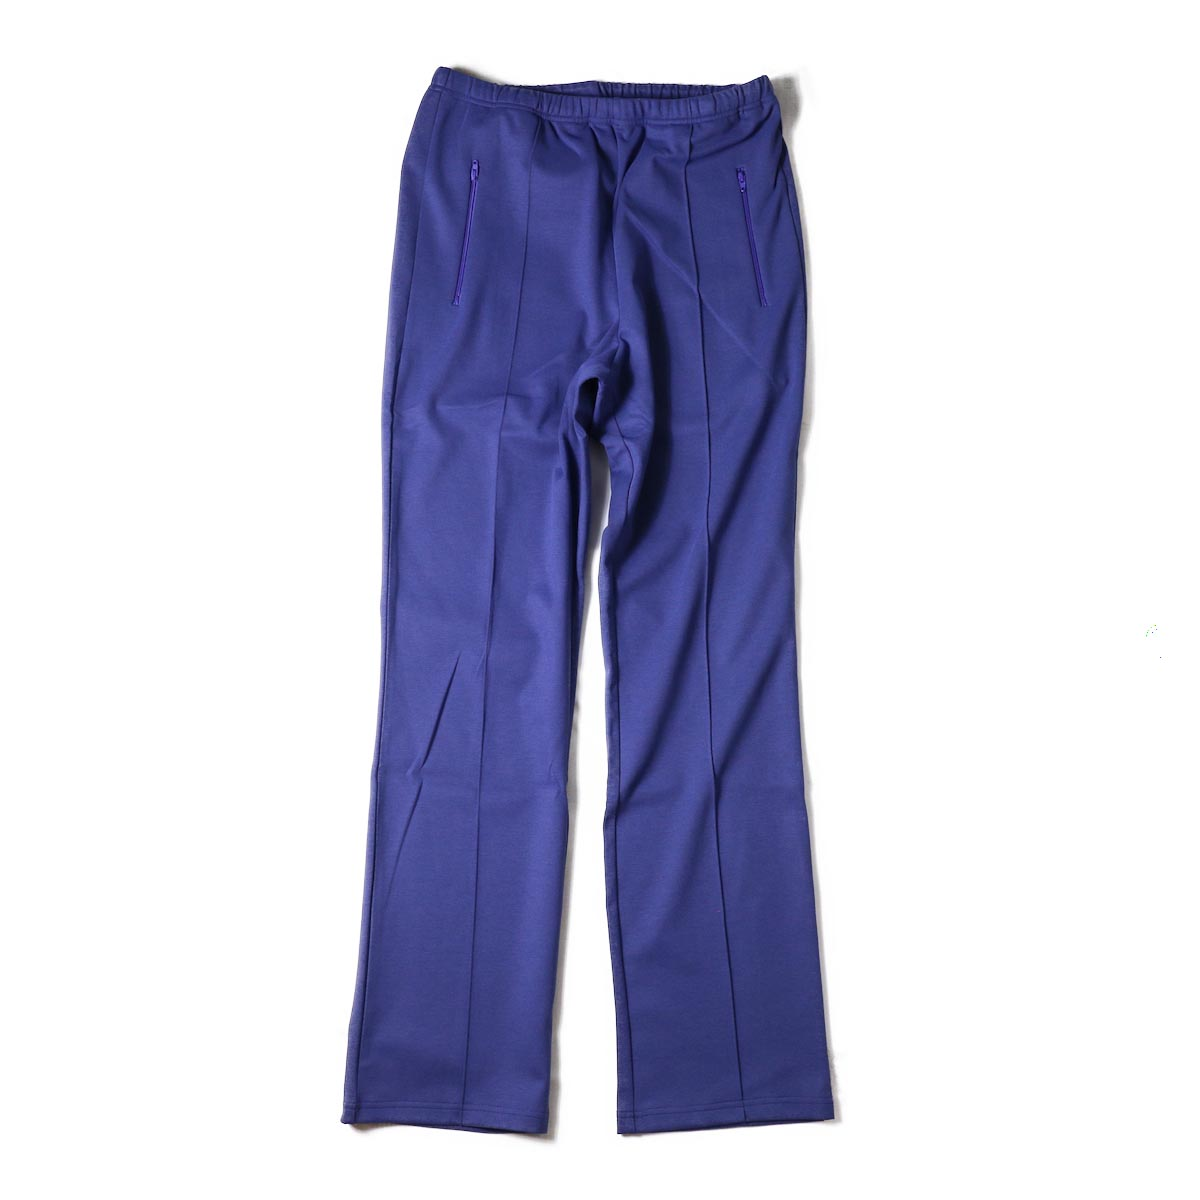 UNUSED Ladies / UW0683 Track Pant -Purple